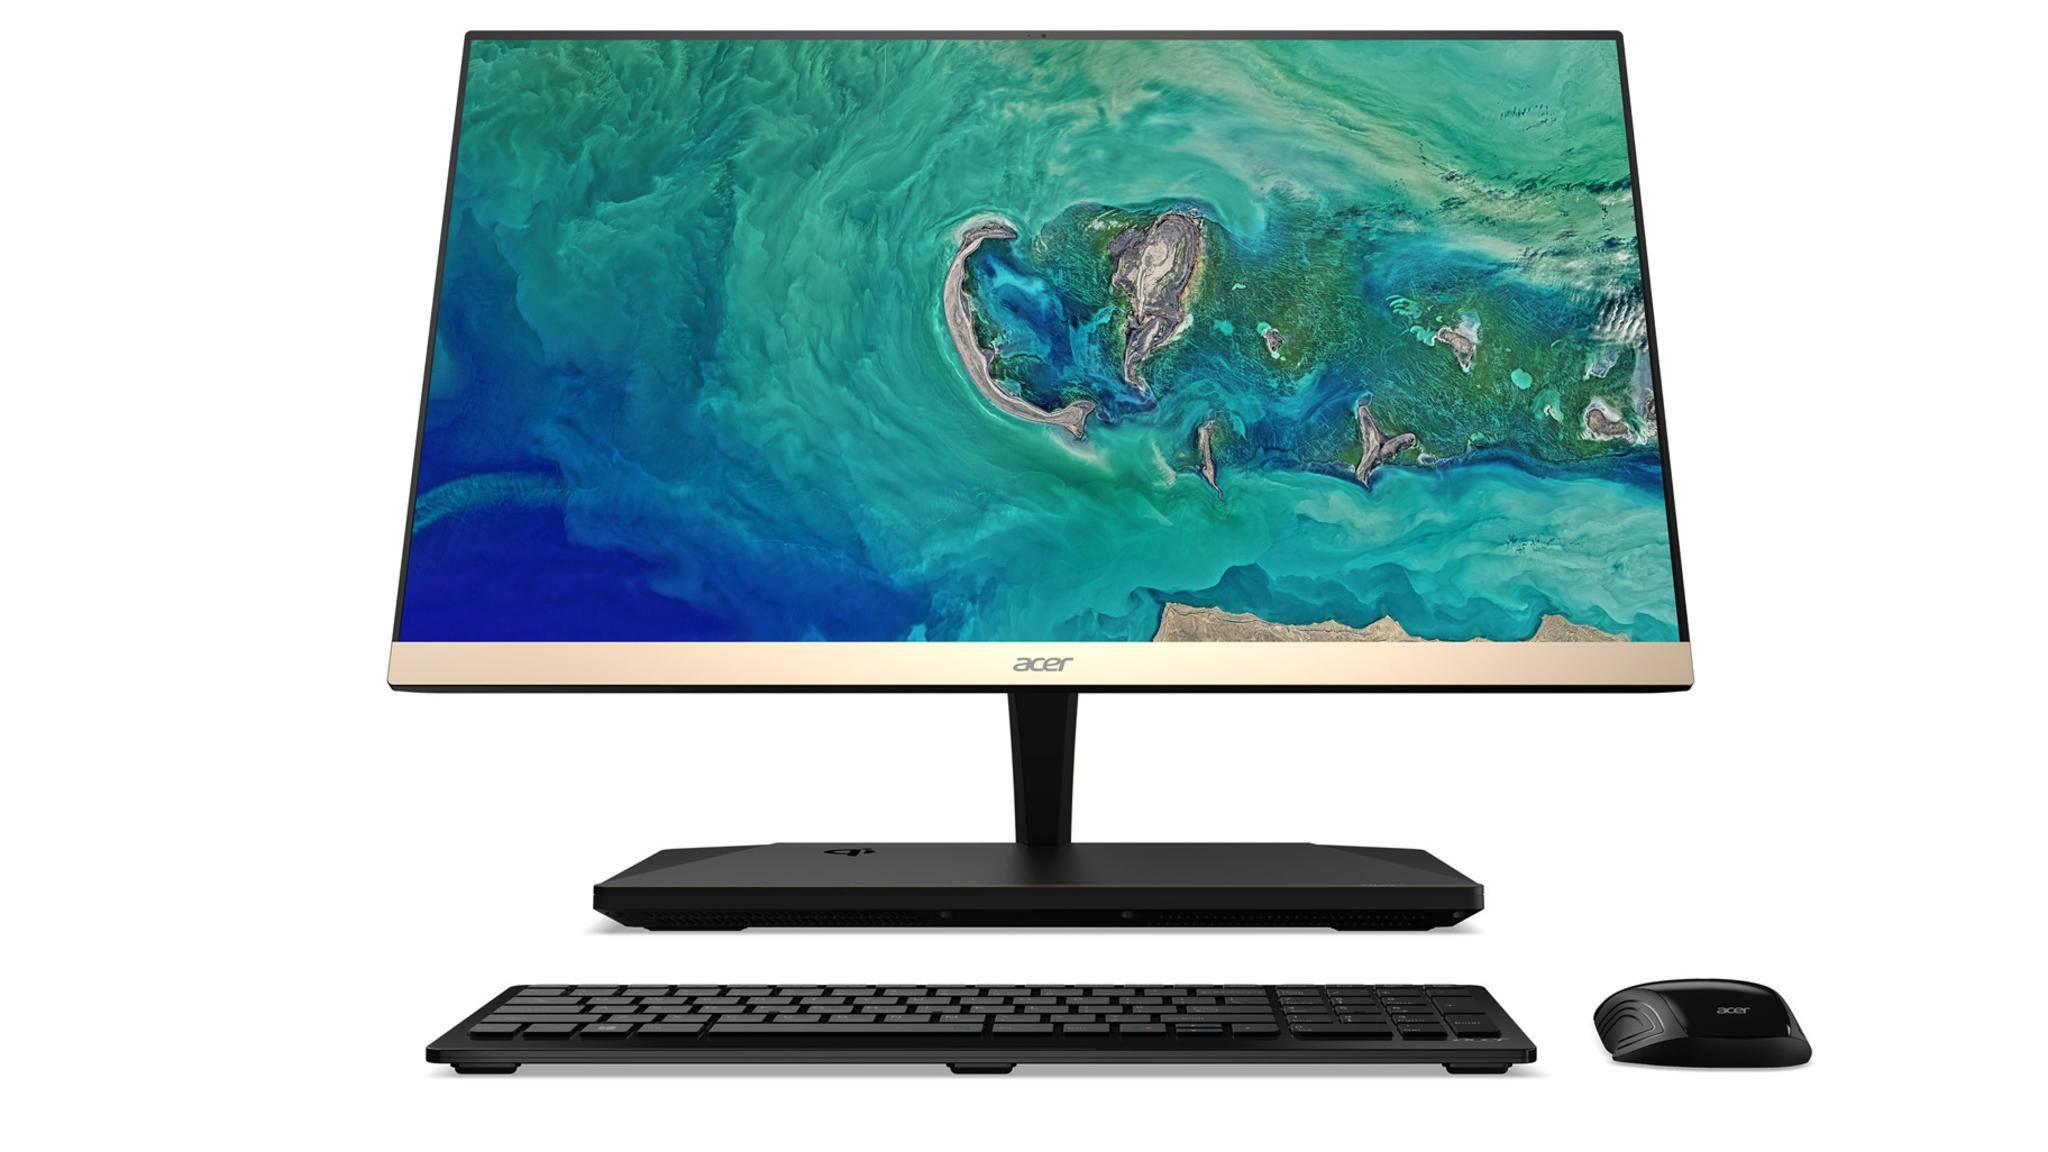 Der stylische All-in-One-PC soll 2018 auf den Markt kommen.